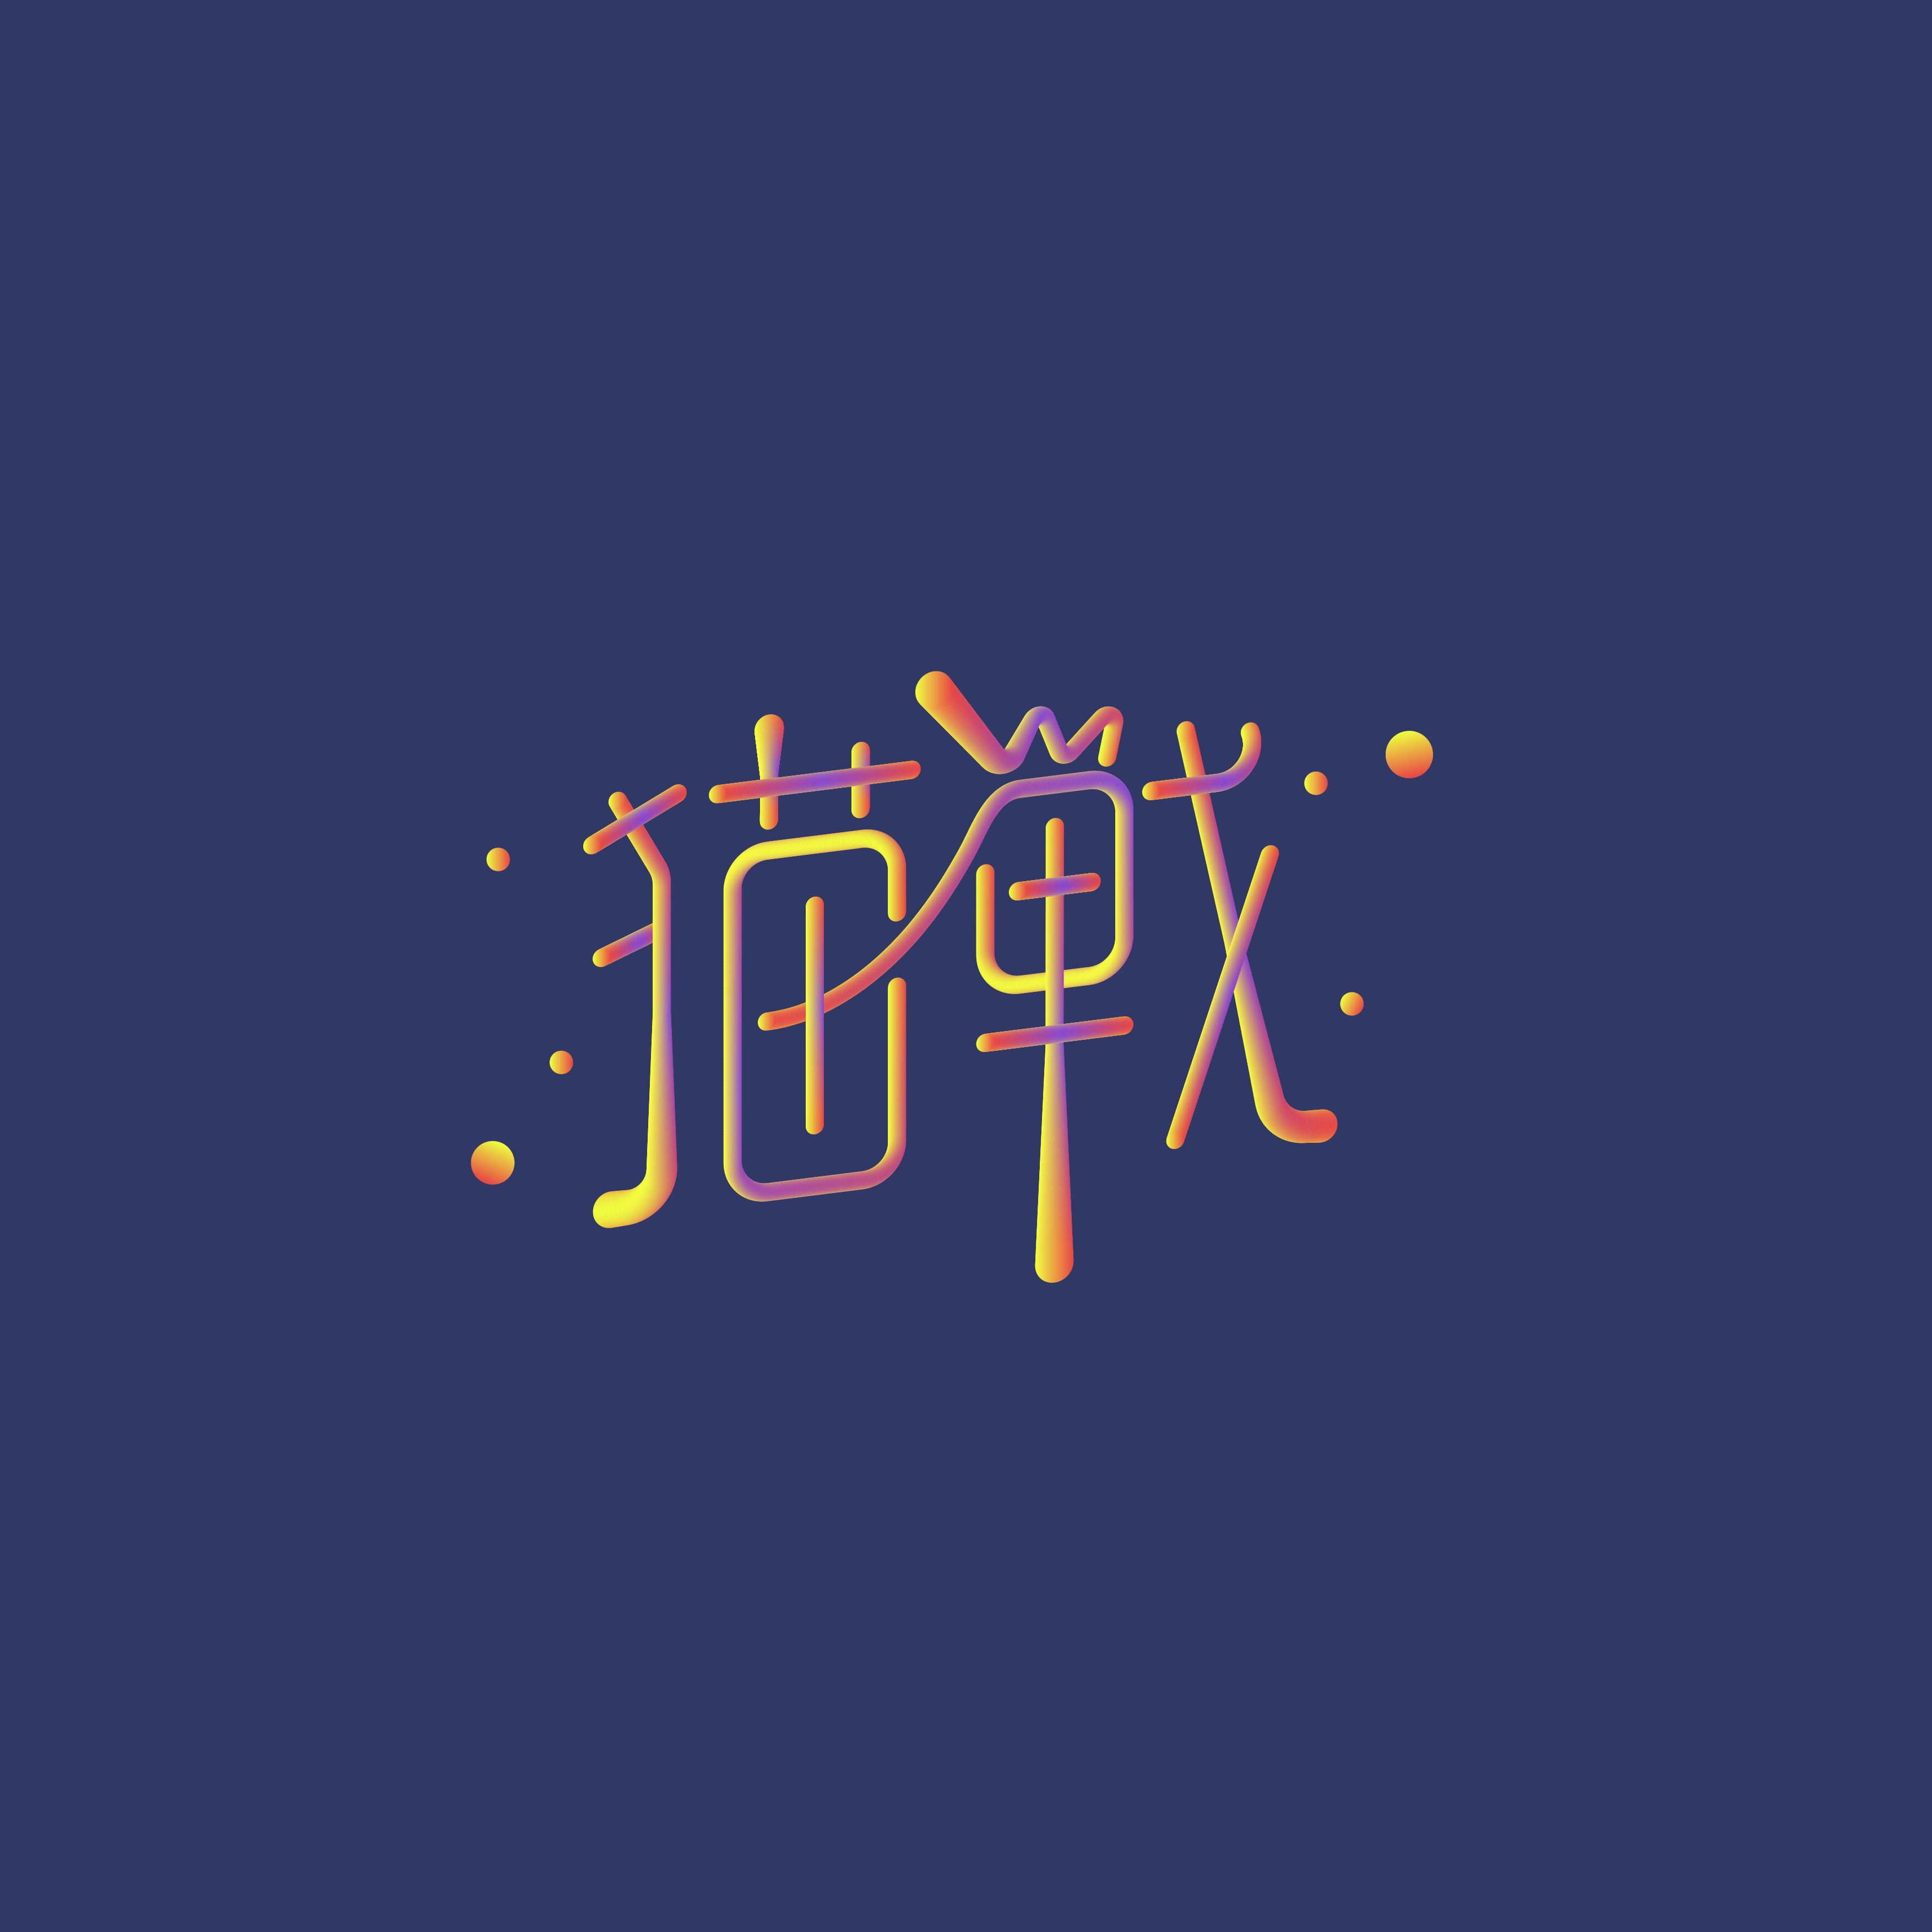 【注目の学生アーティスト】くるり、キセルら輩出! 立命館大学の音楽サークル所属のバンド・猫戦